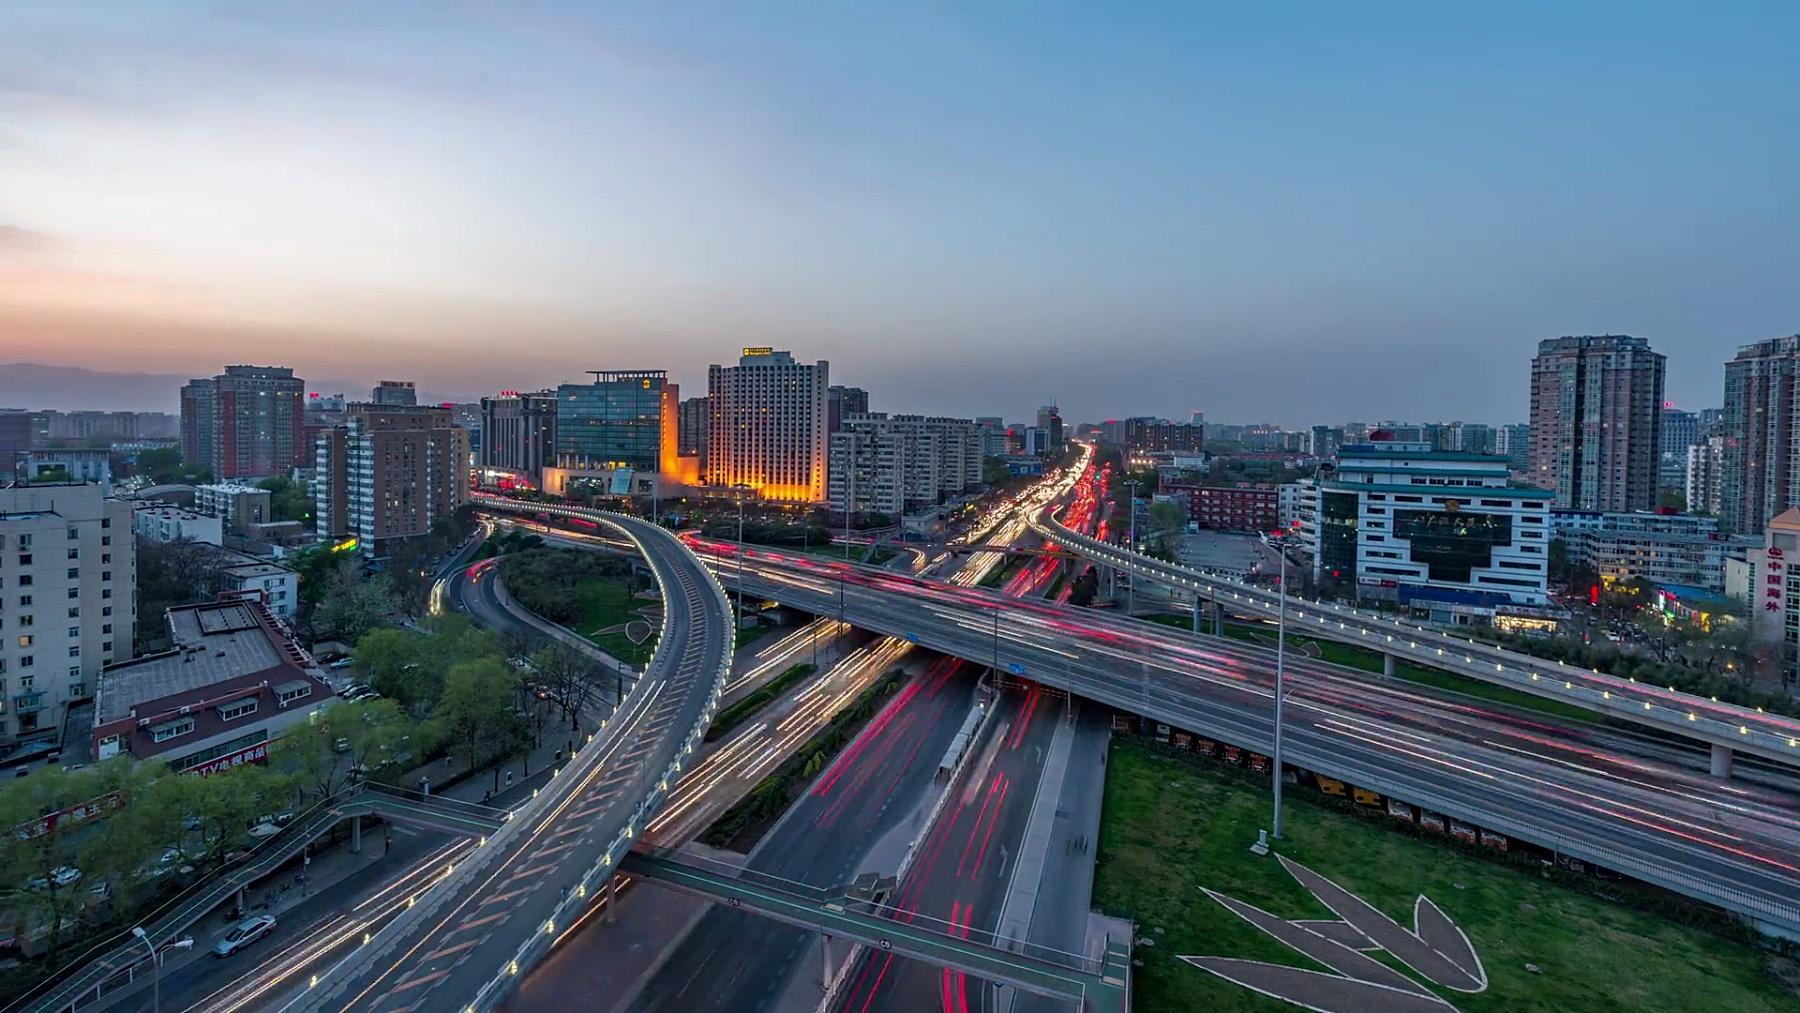 延时摄影-北京路交叉口鸟瞰,日夜转换(WS RL Pan)